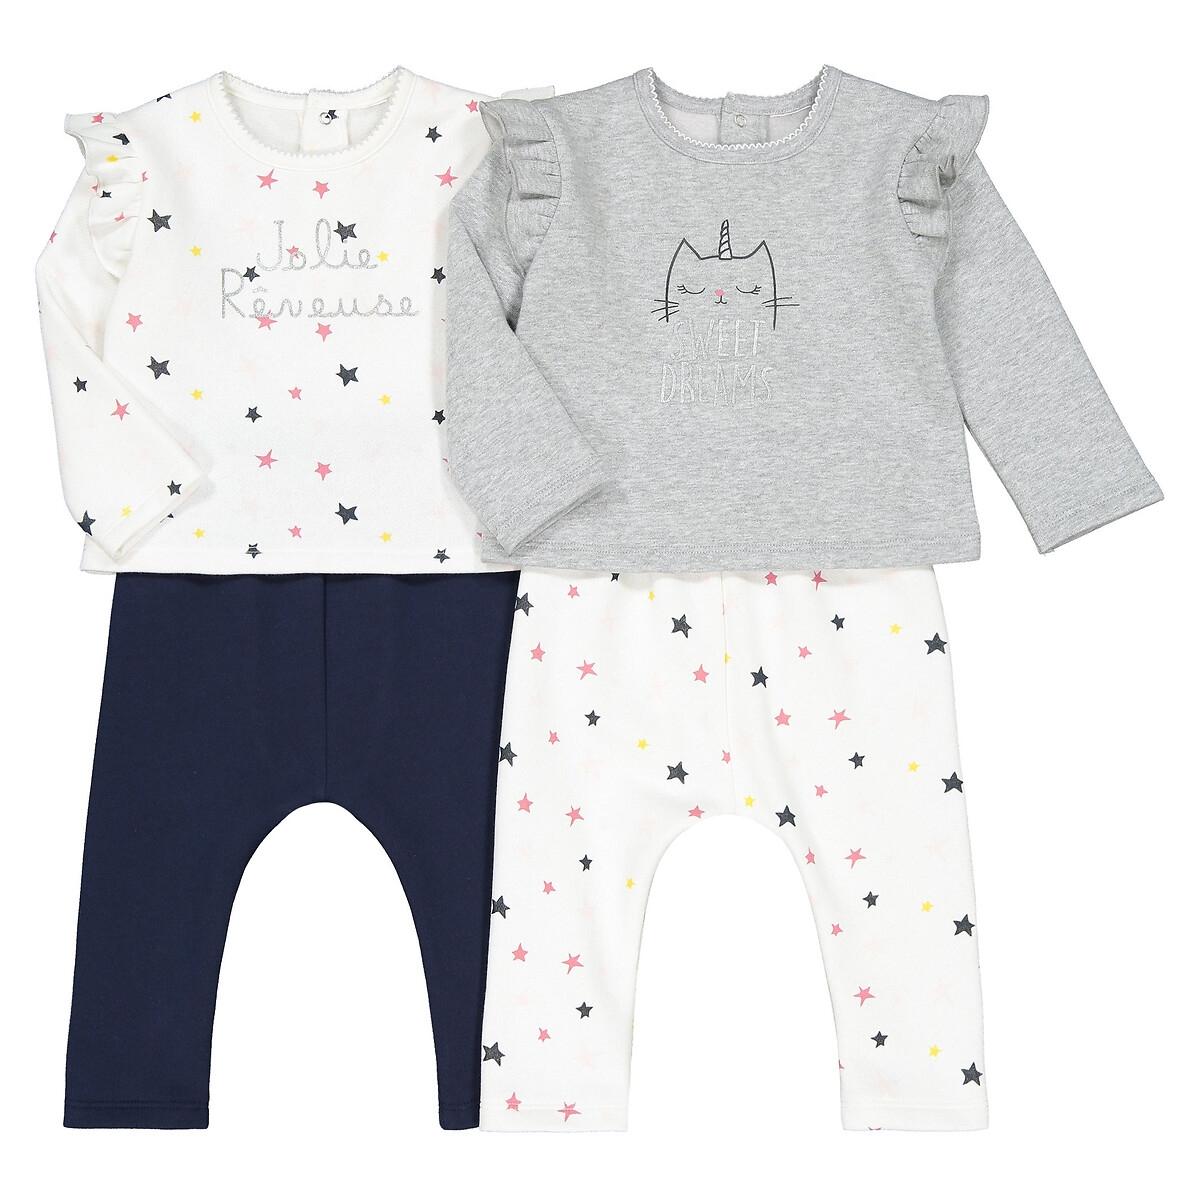 Фото - Комплект из 2 раздельных пижам LaRedoute серого цвета